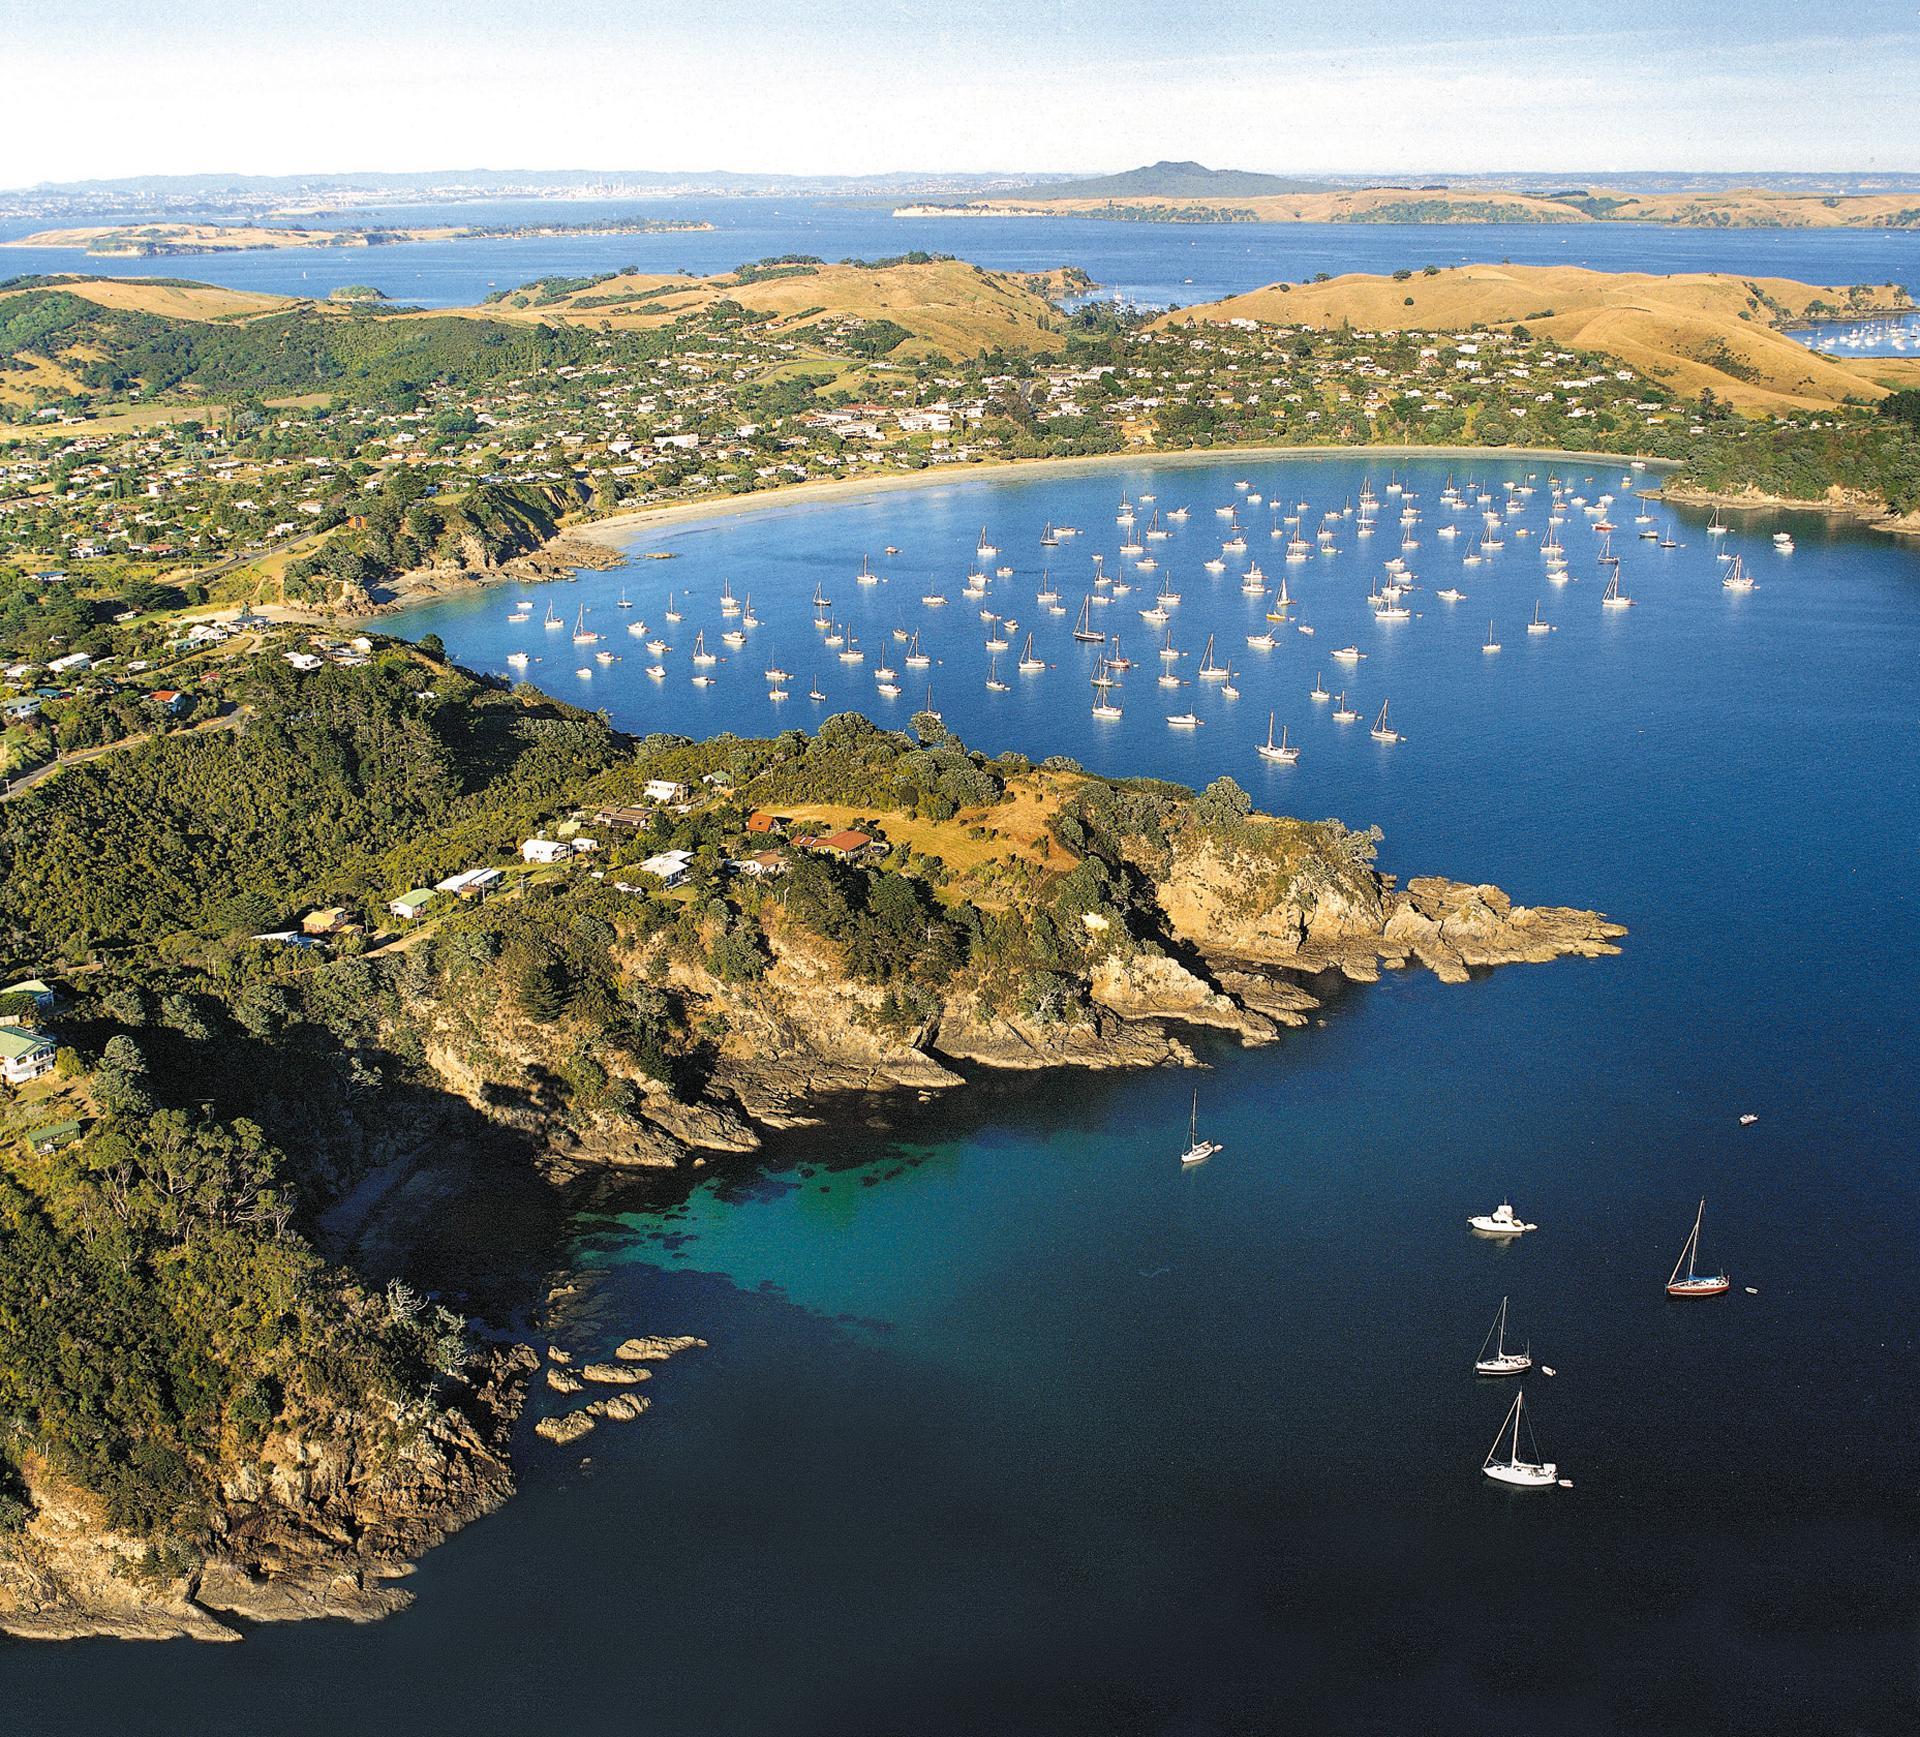 Independent New Zealand Tour North Island Zicasso